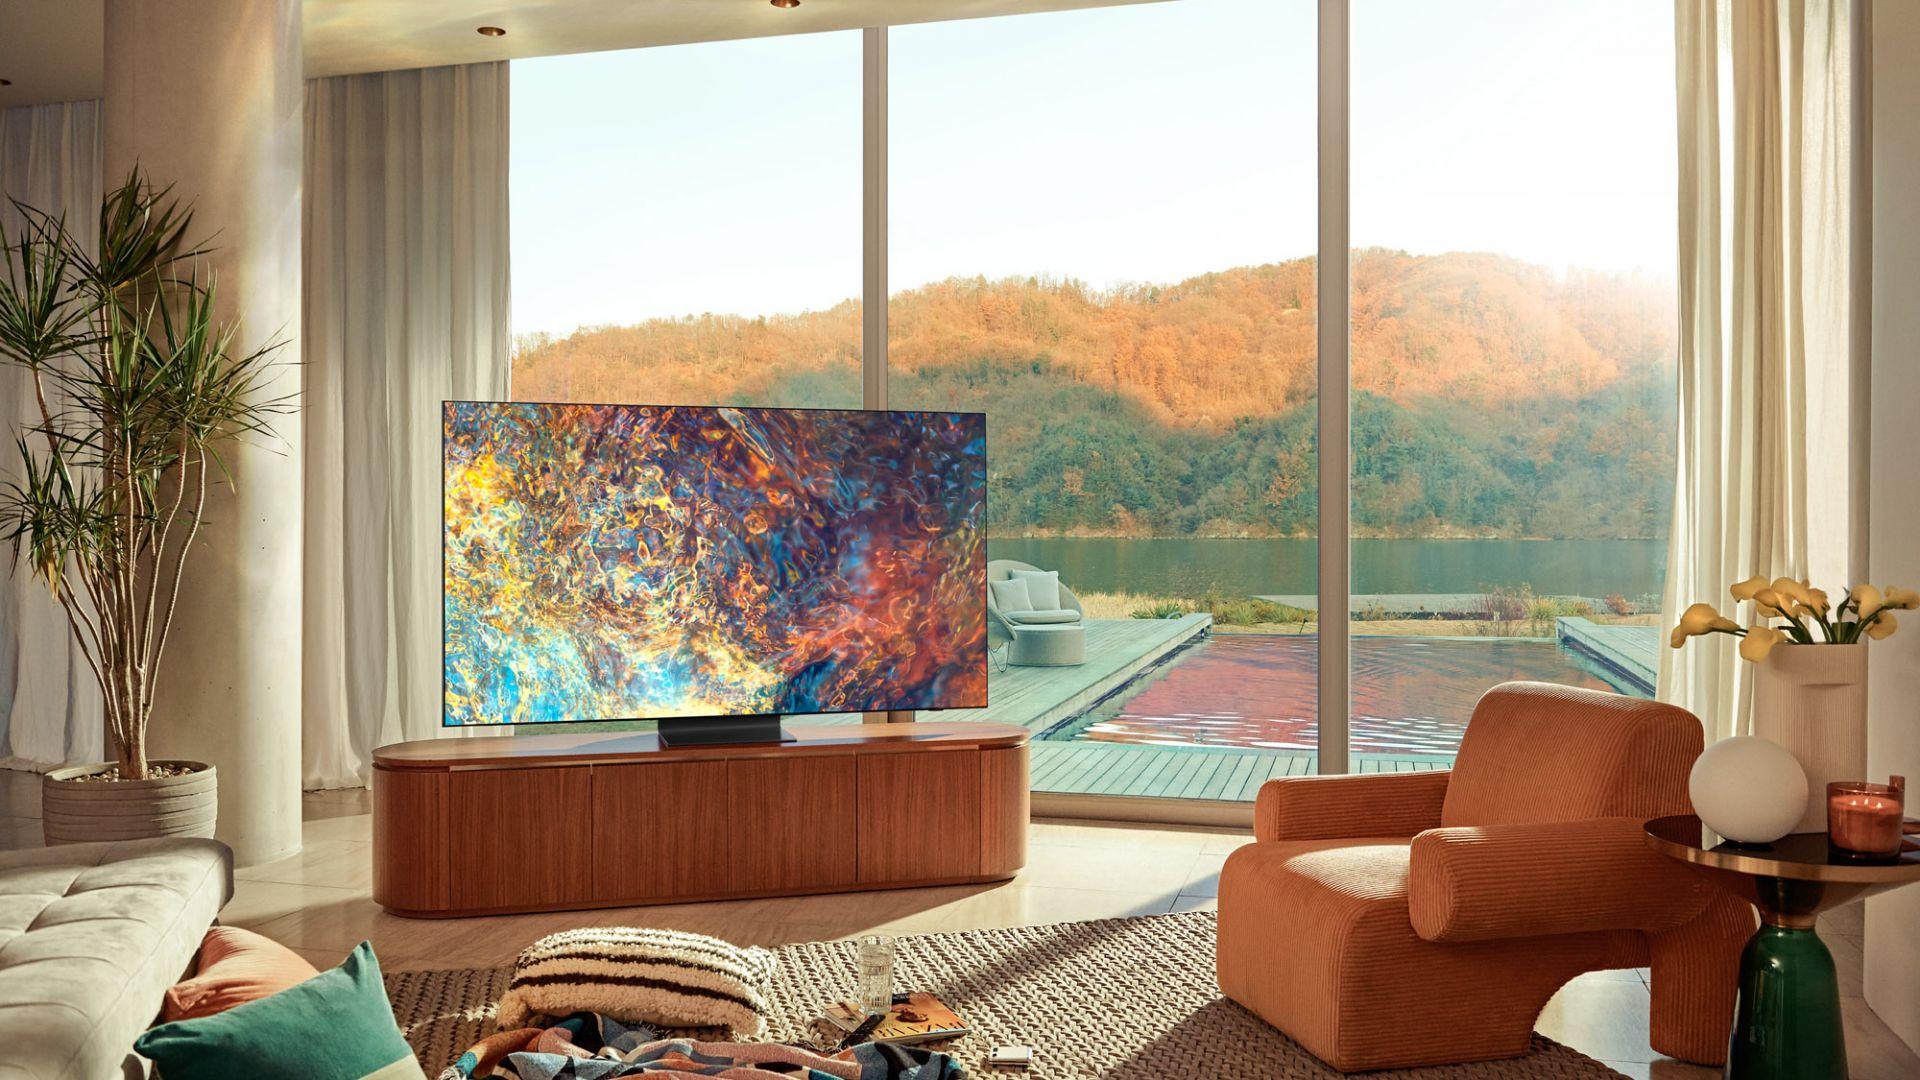 След 2021 година телевизорите никога няма да са същите